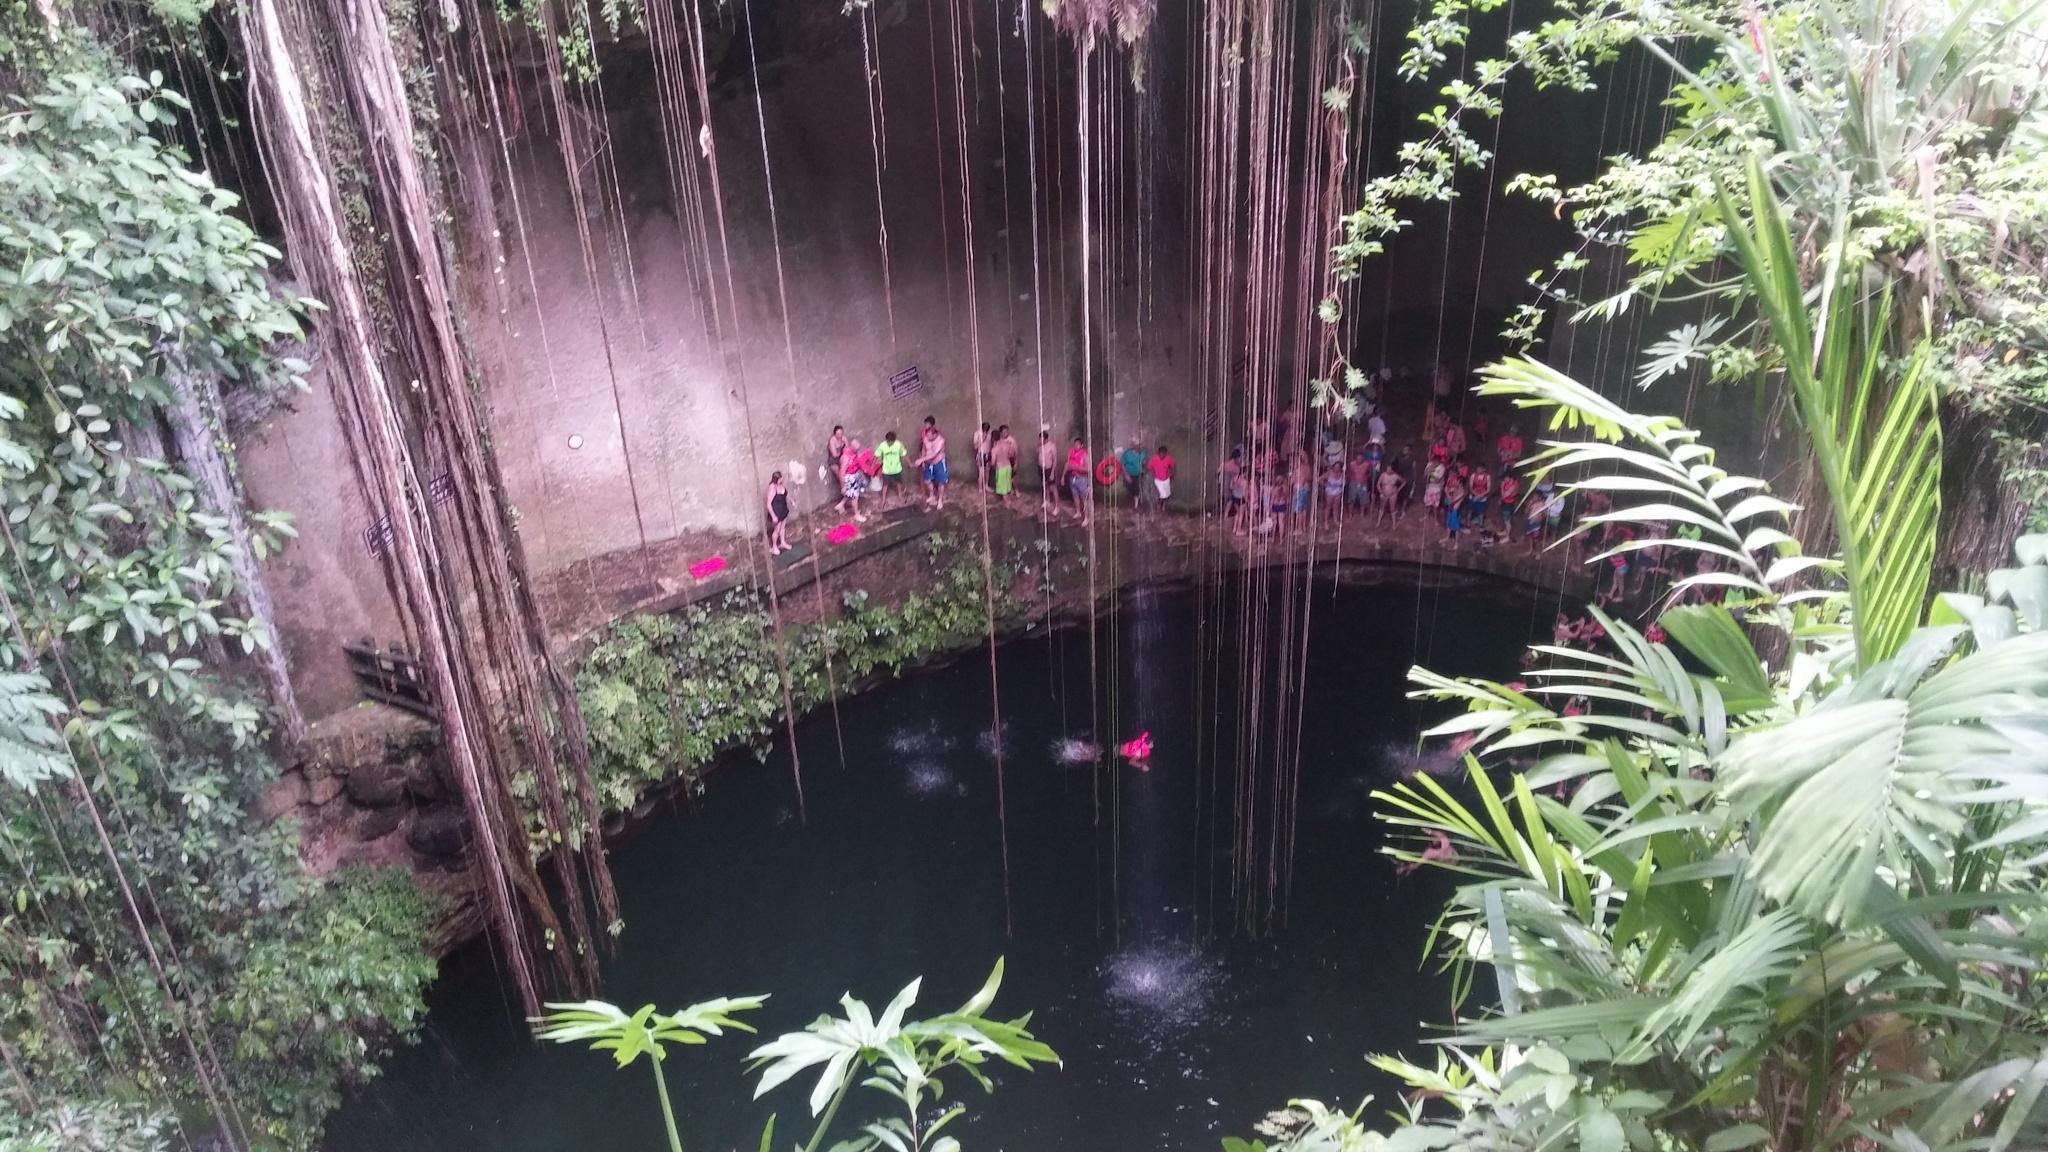 Cenote in Chichen itza Mexico by alvin.cordova.37